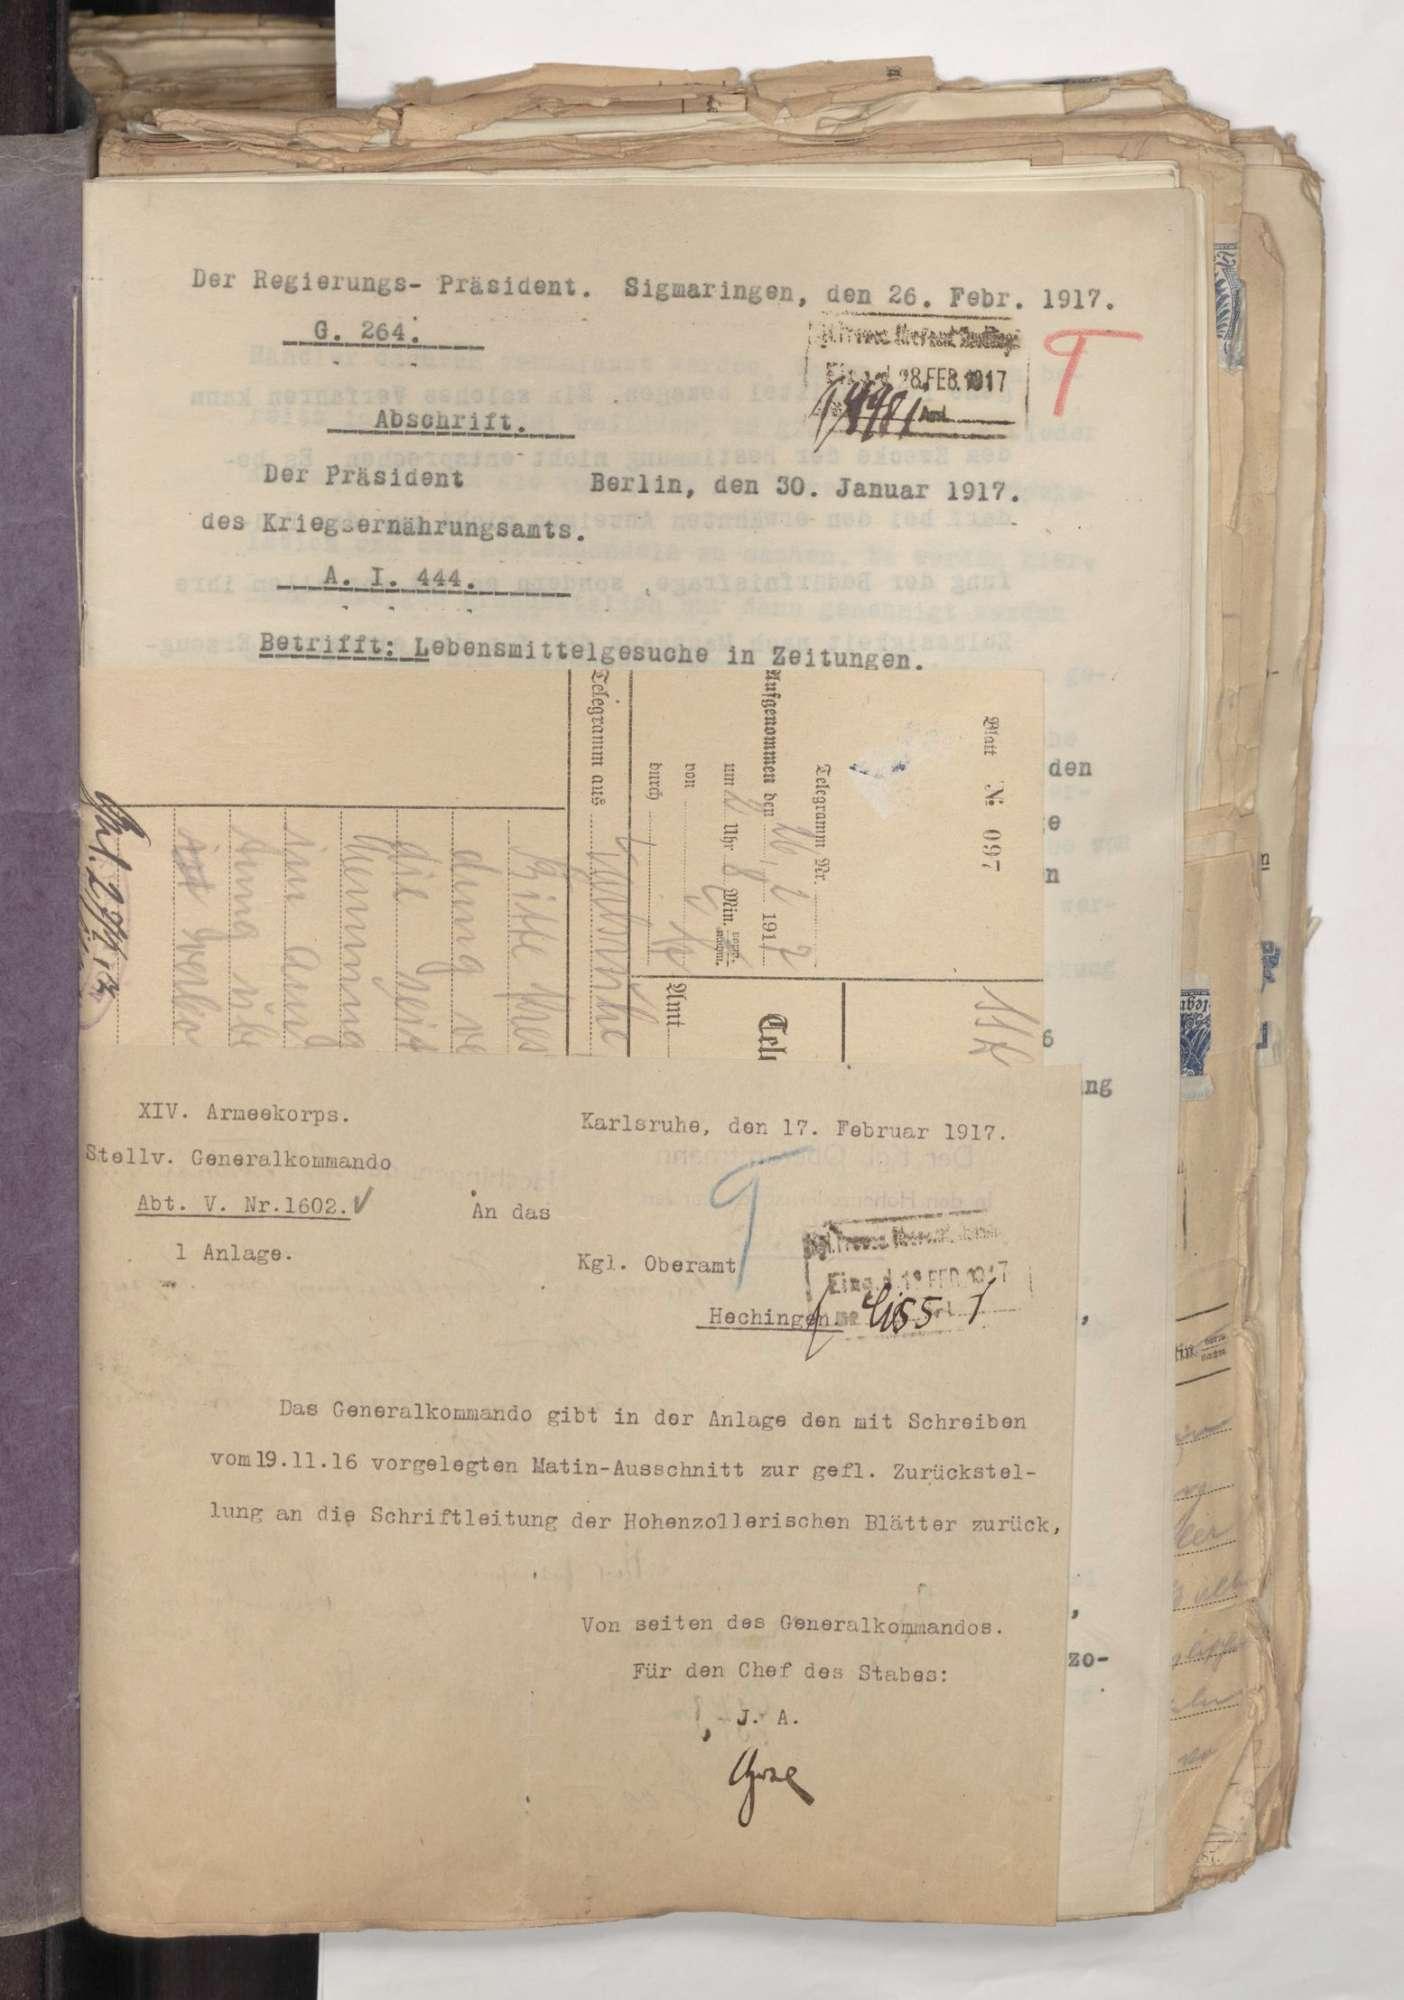 Presse-Zensur im Kriege 1914 - 1918 mit Weisungen für die Presse, Bild 2